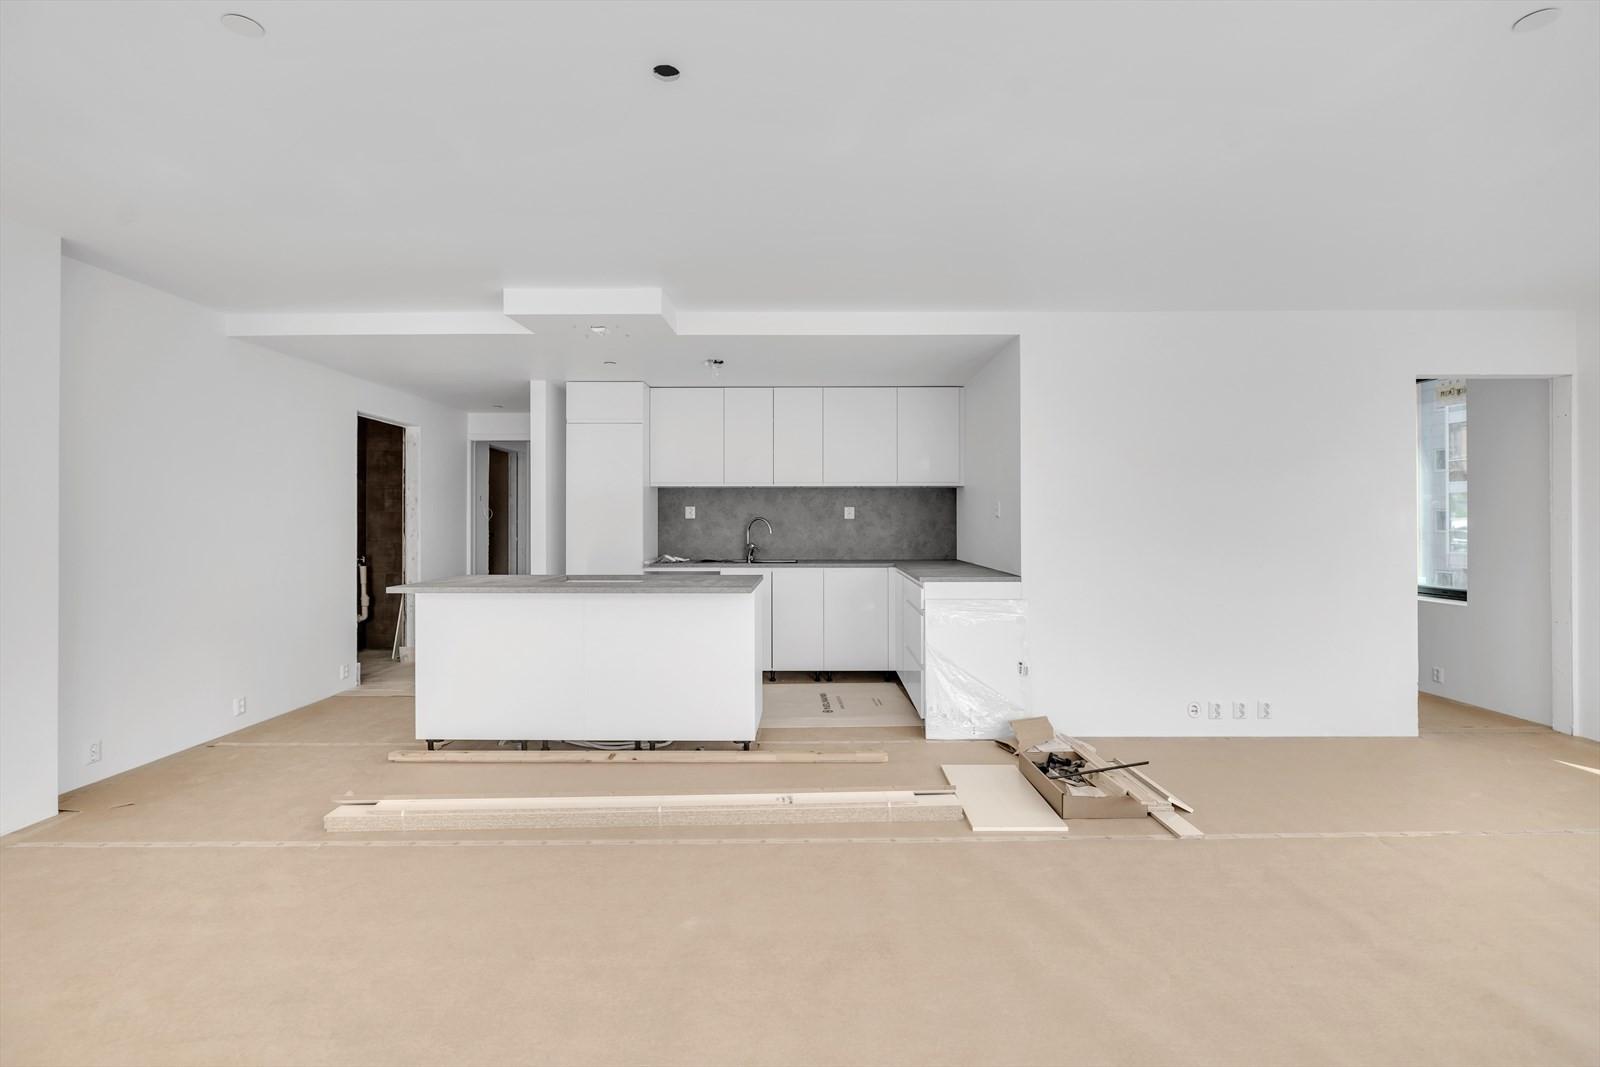 Åpen stue og kjøkken løsning, Hvit kjøkken fra Kvik med takhengt ventilator - ennå ikke montert. Benkeplate i grå laminat.